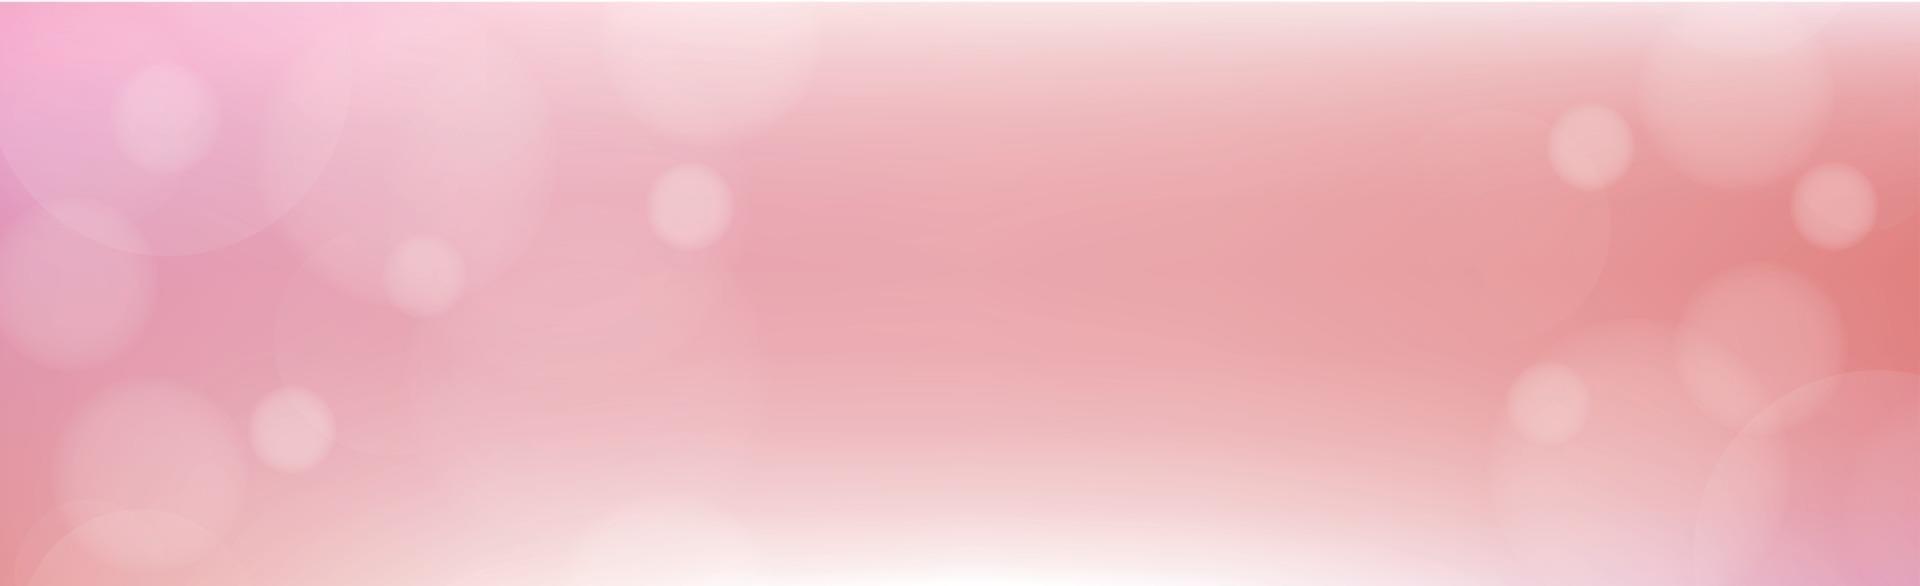 mehrfarbiges verschwommenes Bokeh auf rotem Grund vektor